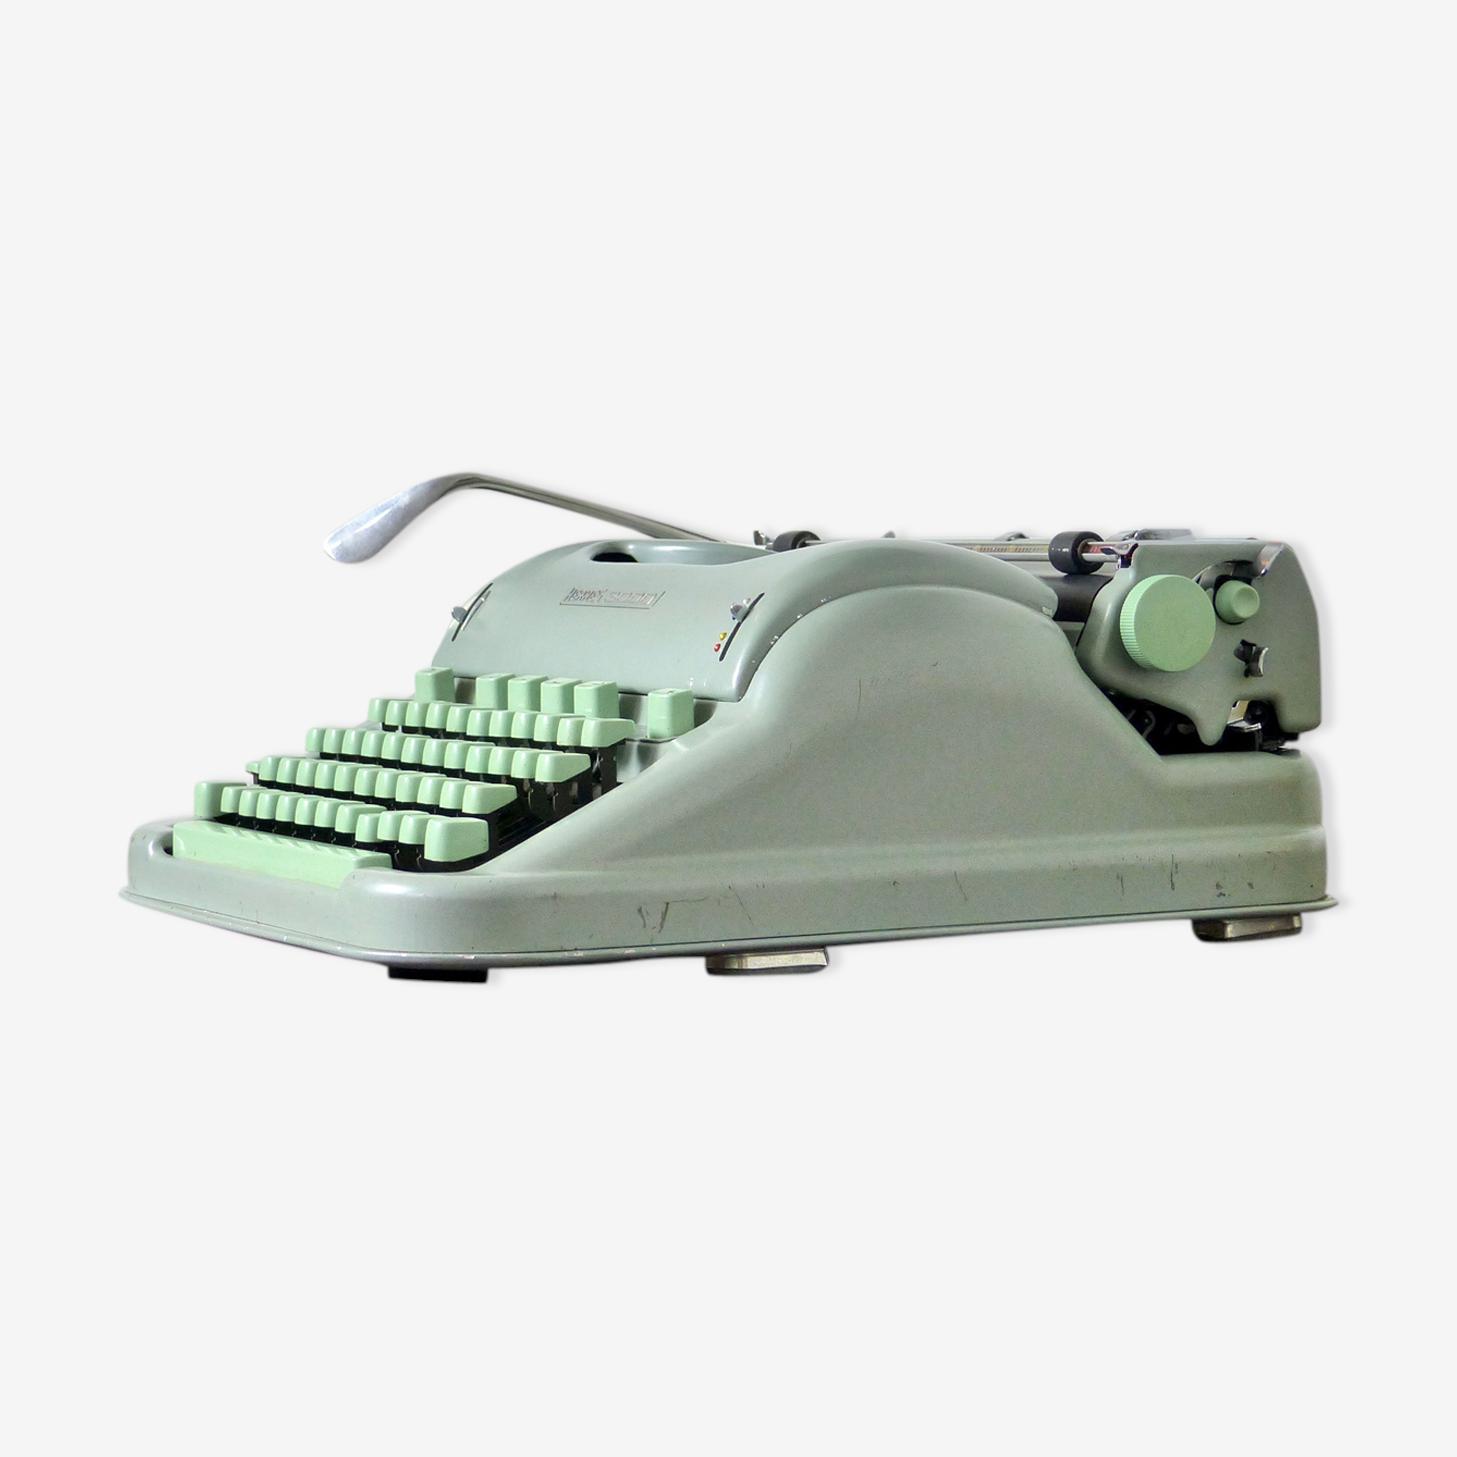 Hermes 3000 green mint metal typewriter